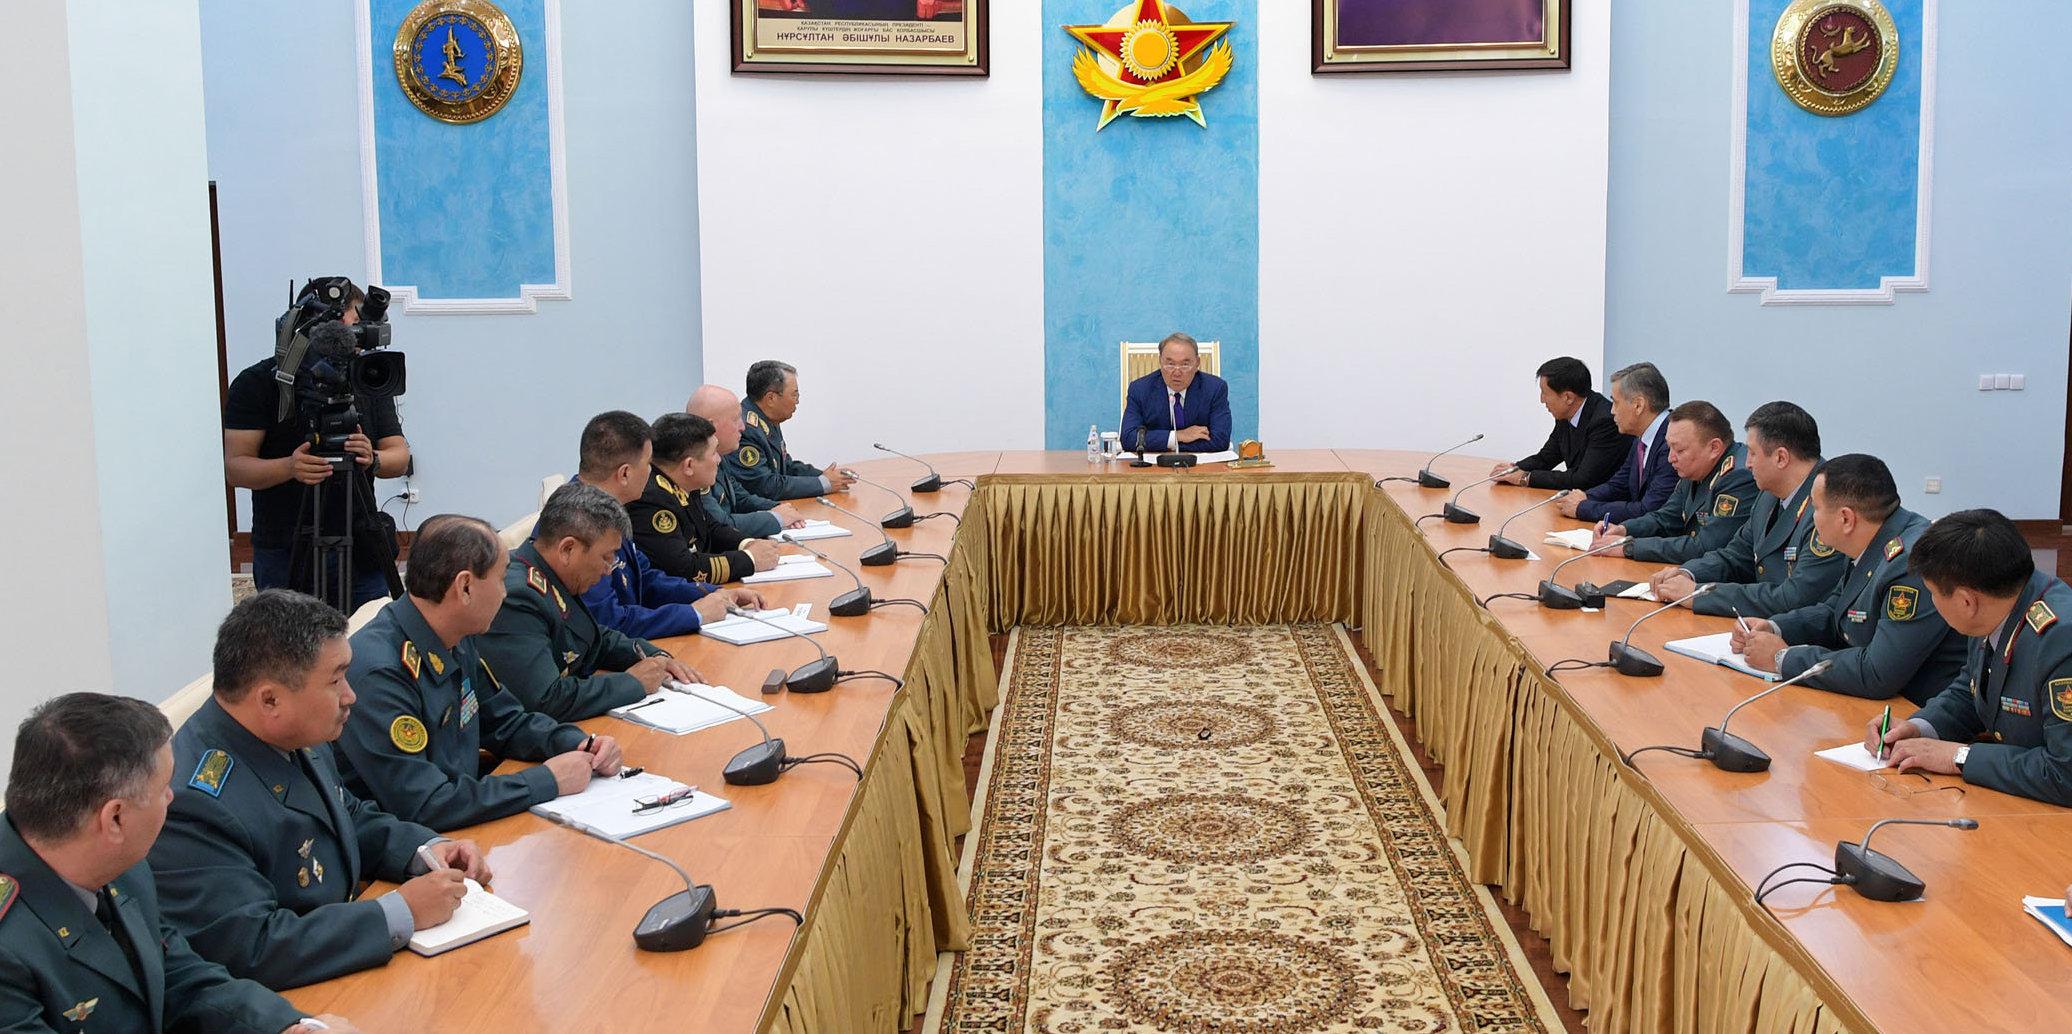 Президент Казахстана Нурсултан Назарбаев провел совещание с руководящим составом министерства обороны